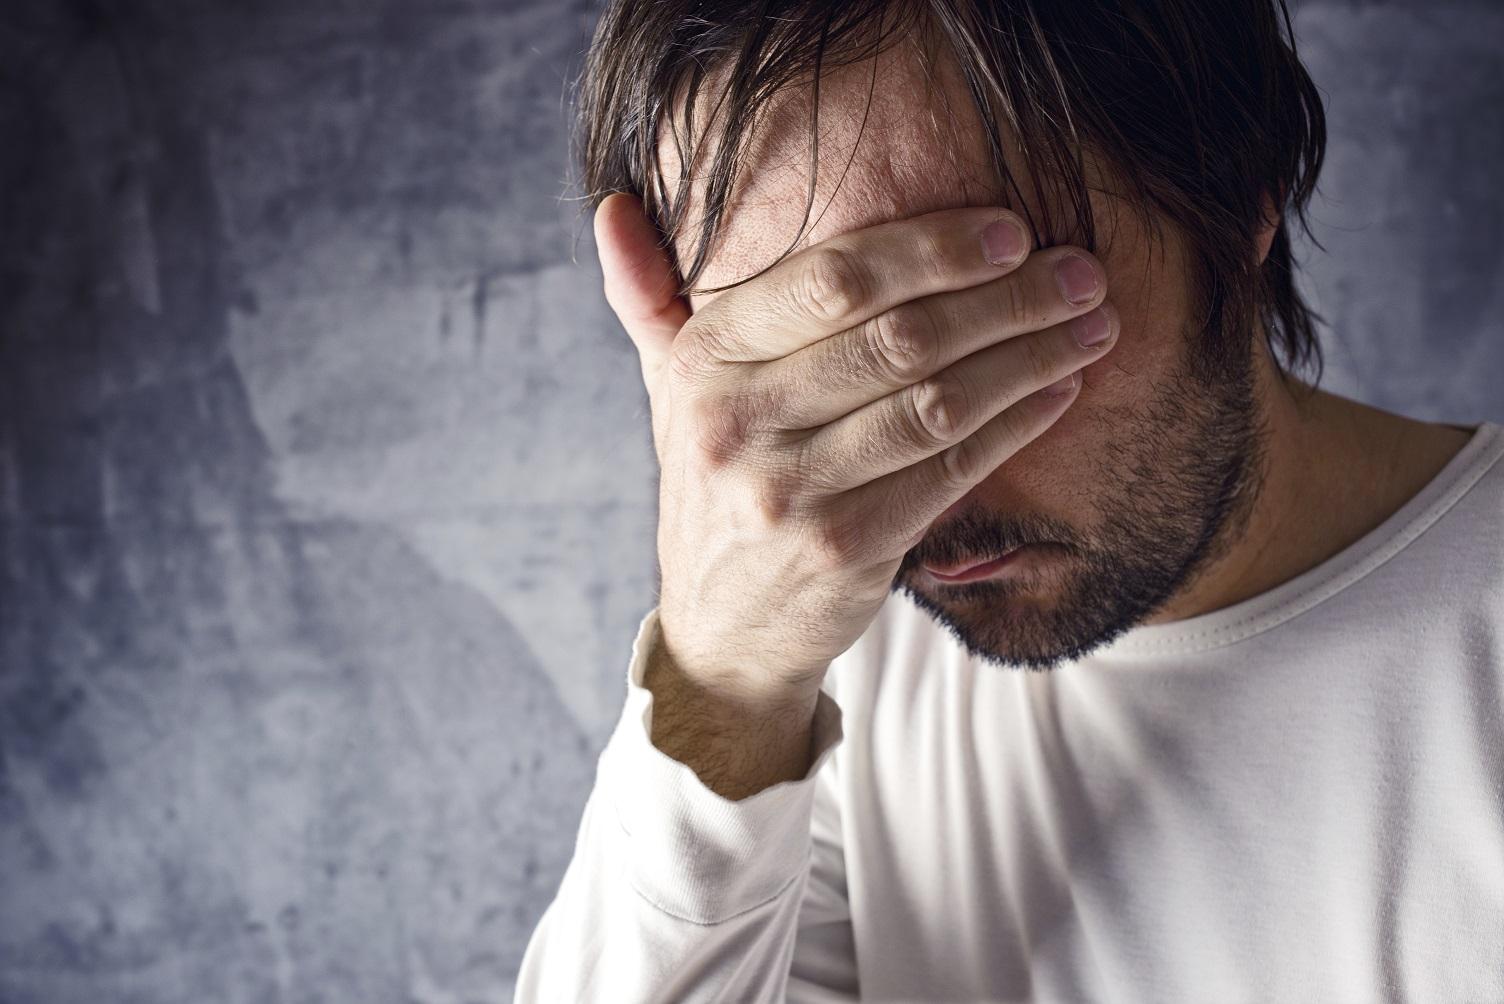 Quase 40 por cento dos adultos ouvidos pela pesquisa disseram ter passado por ansiedade ou estresse no dia anterior. Foto IGOR STEVANOVIC /Science Photo Library